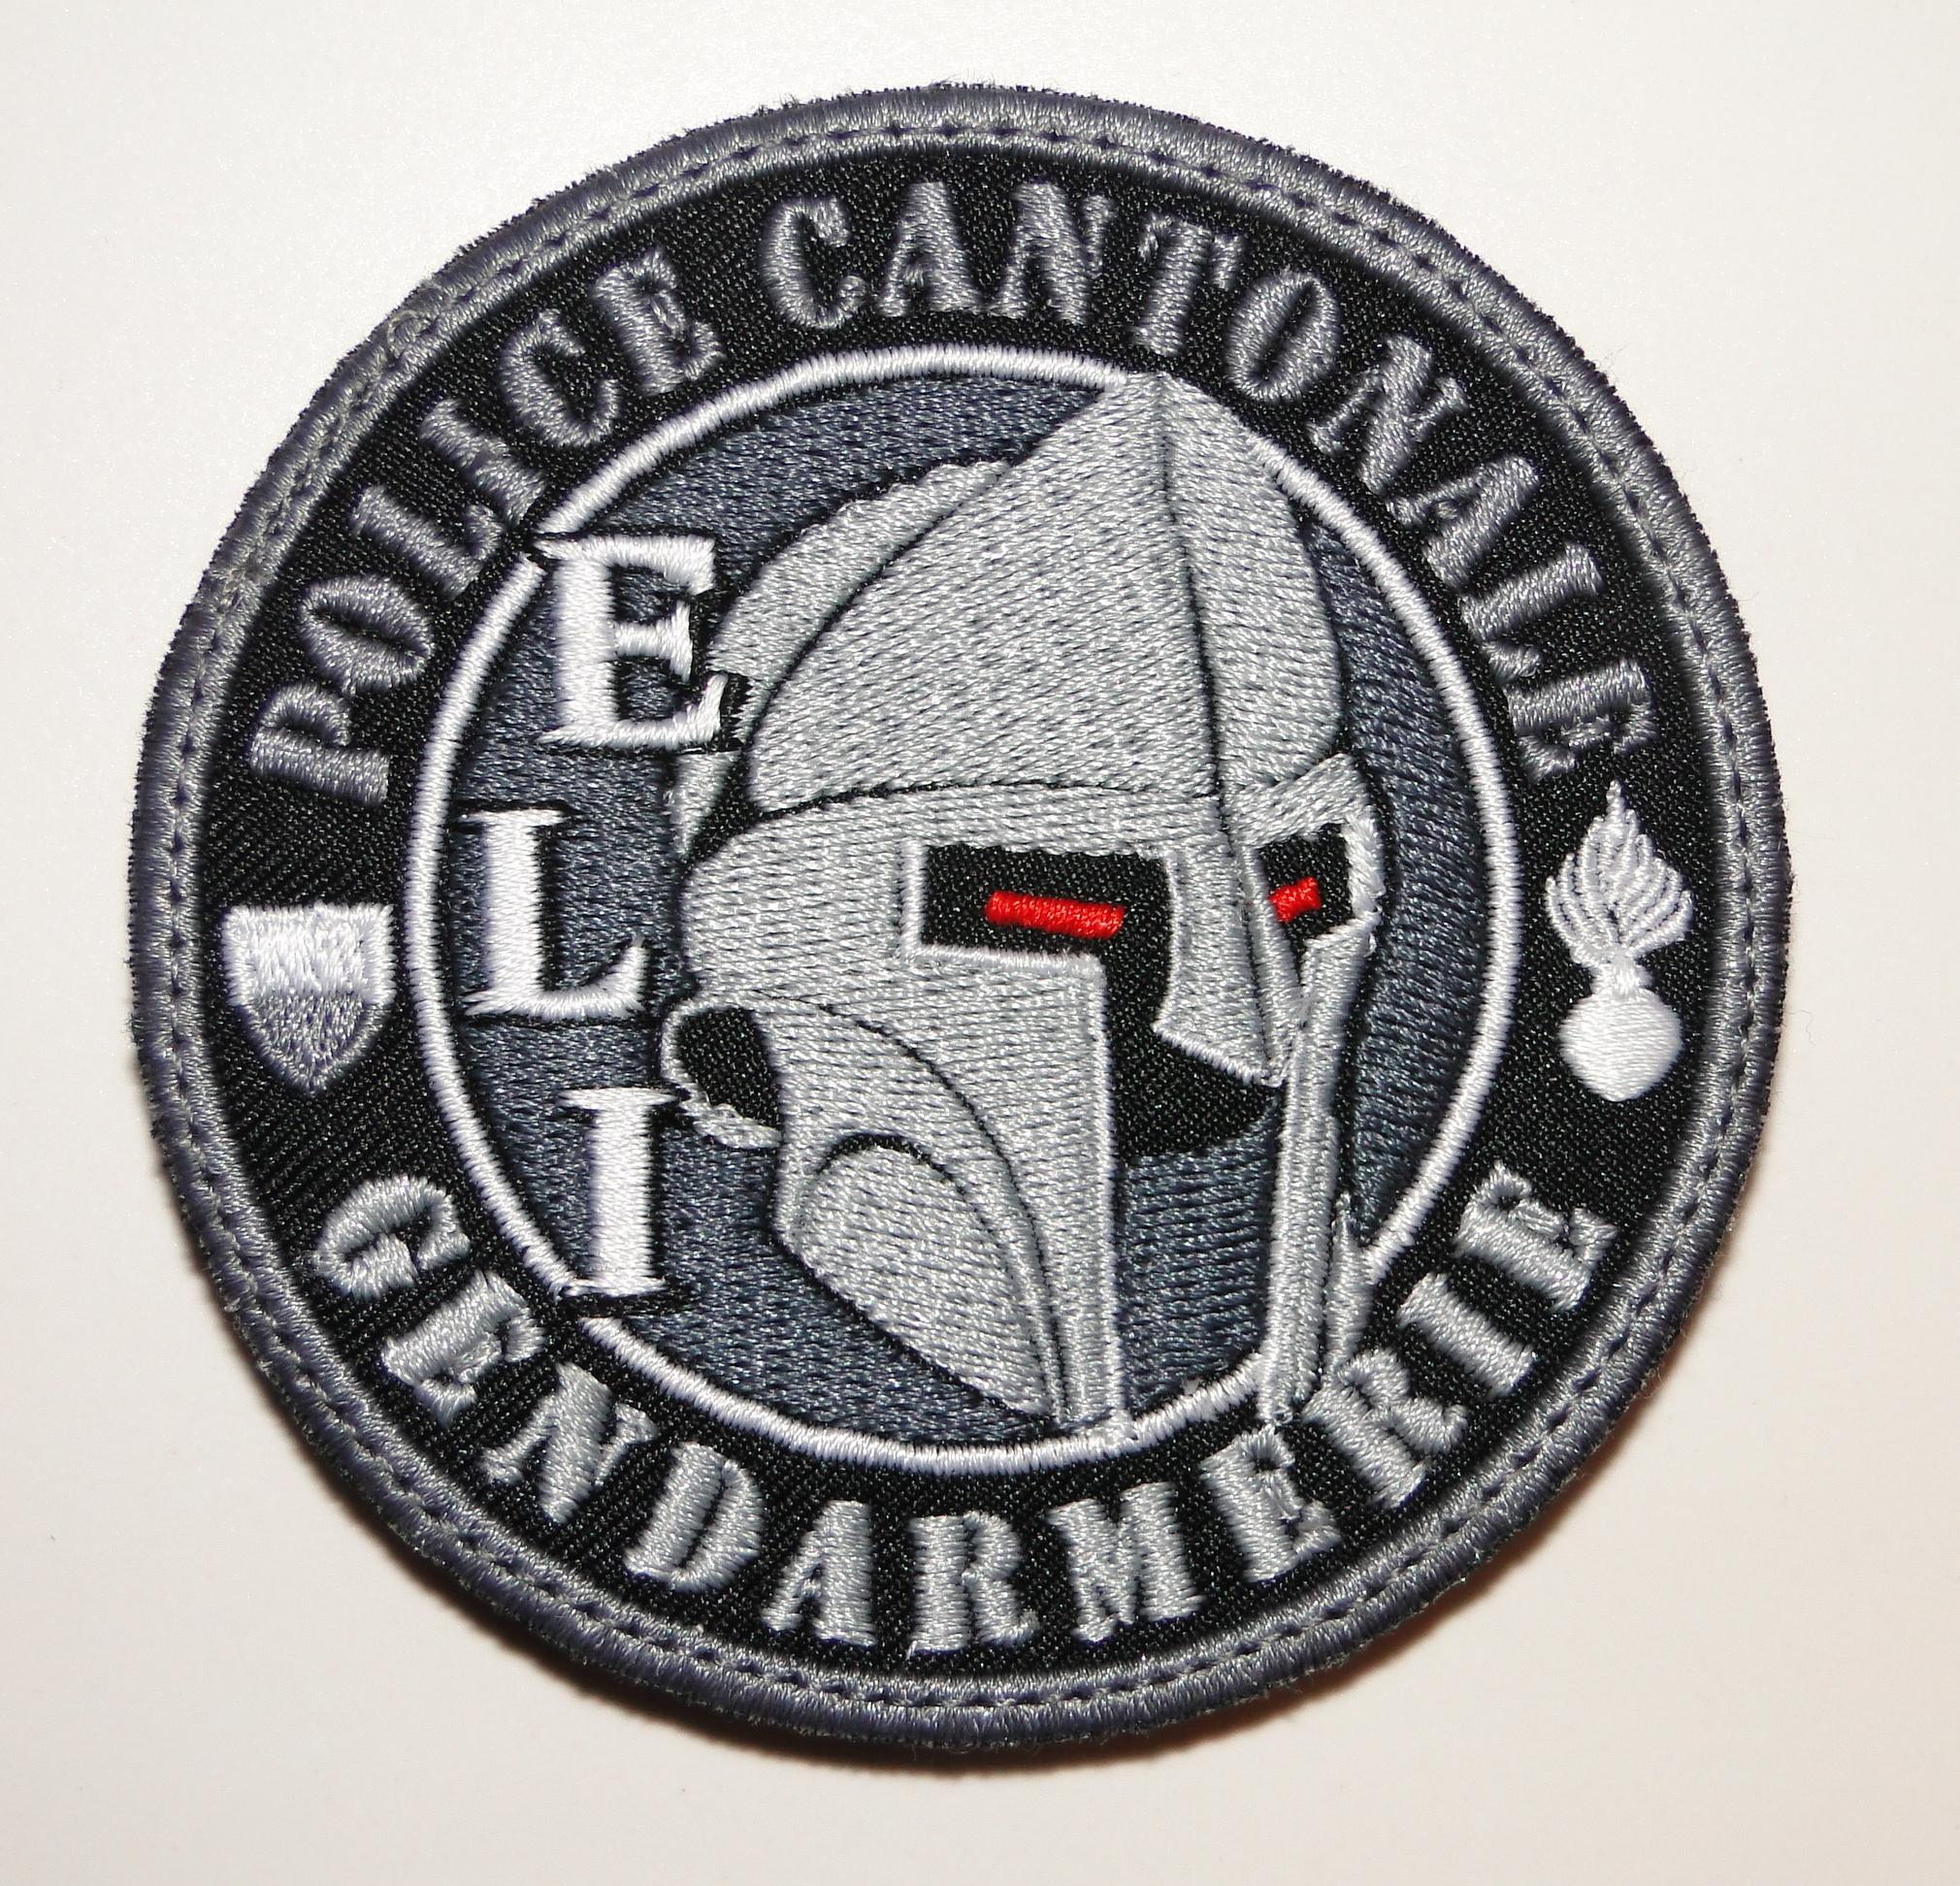 Gendarmerie - ELI